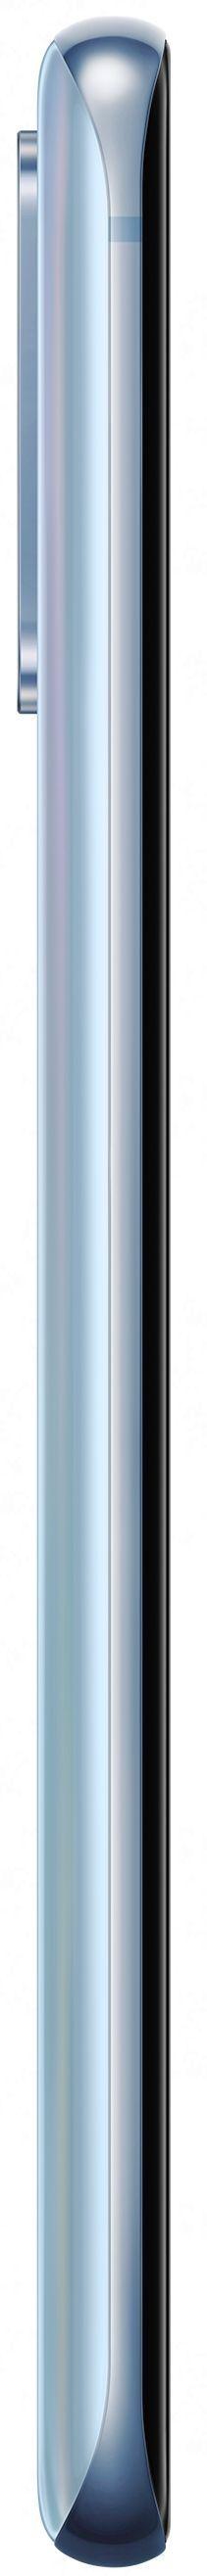 Смартфон Samsung Galaxy S20 (SM-G980FLBDSEK) Light Blue от Територія твоєї техніки - 4